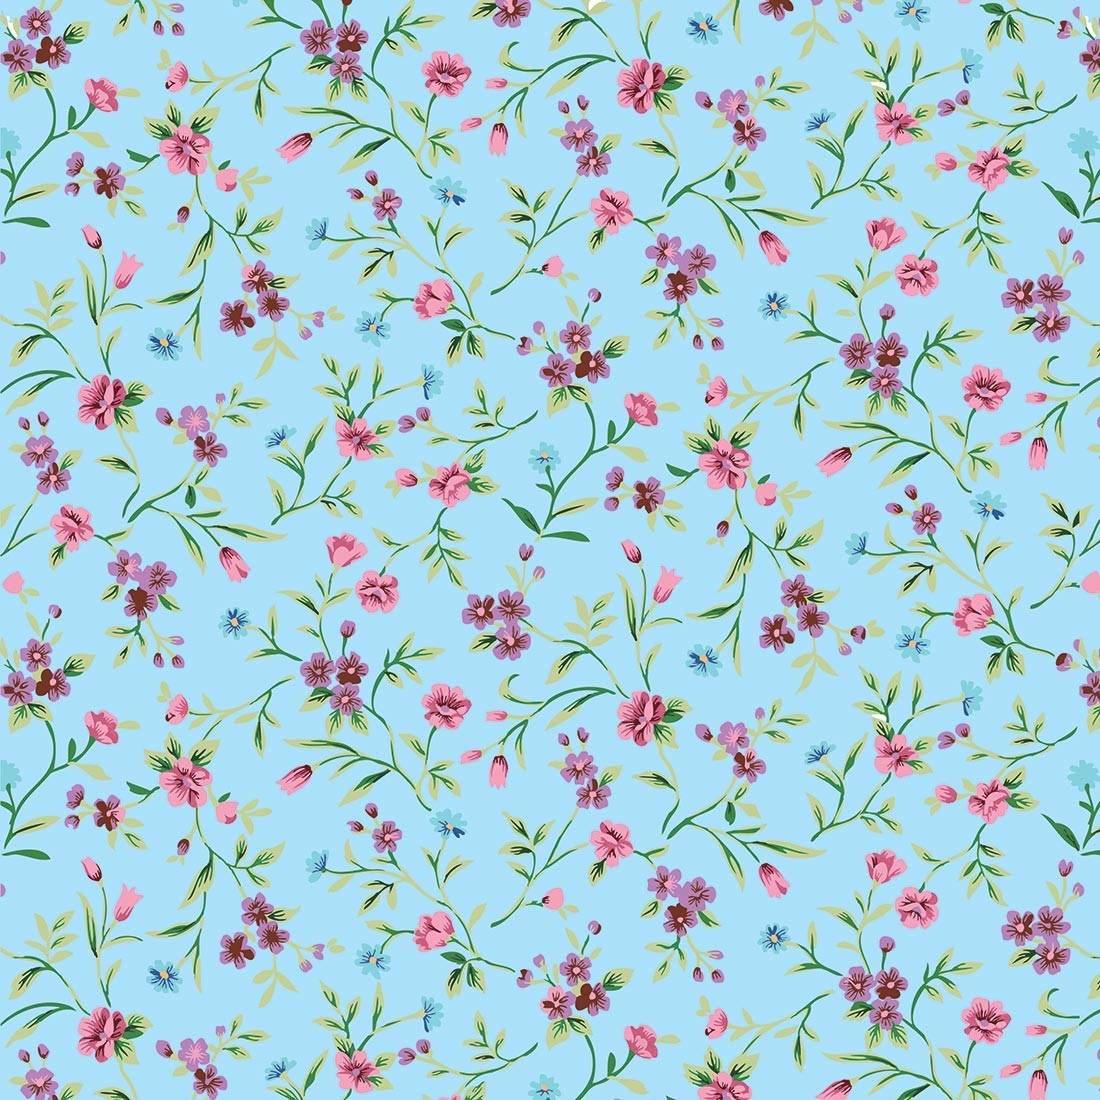 adesivo de parede flores delicadas fundo azul 310x58cm r 4990 em mercado livre